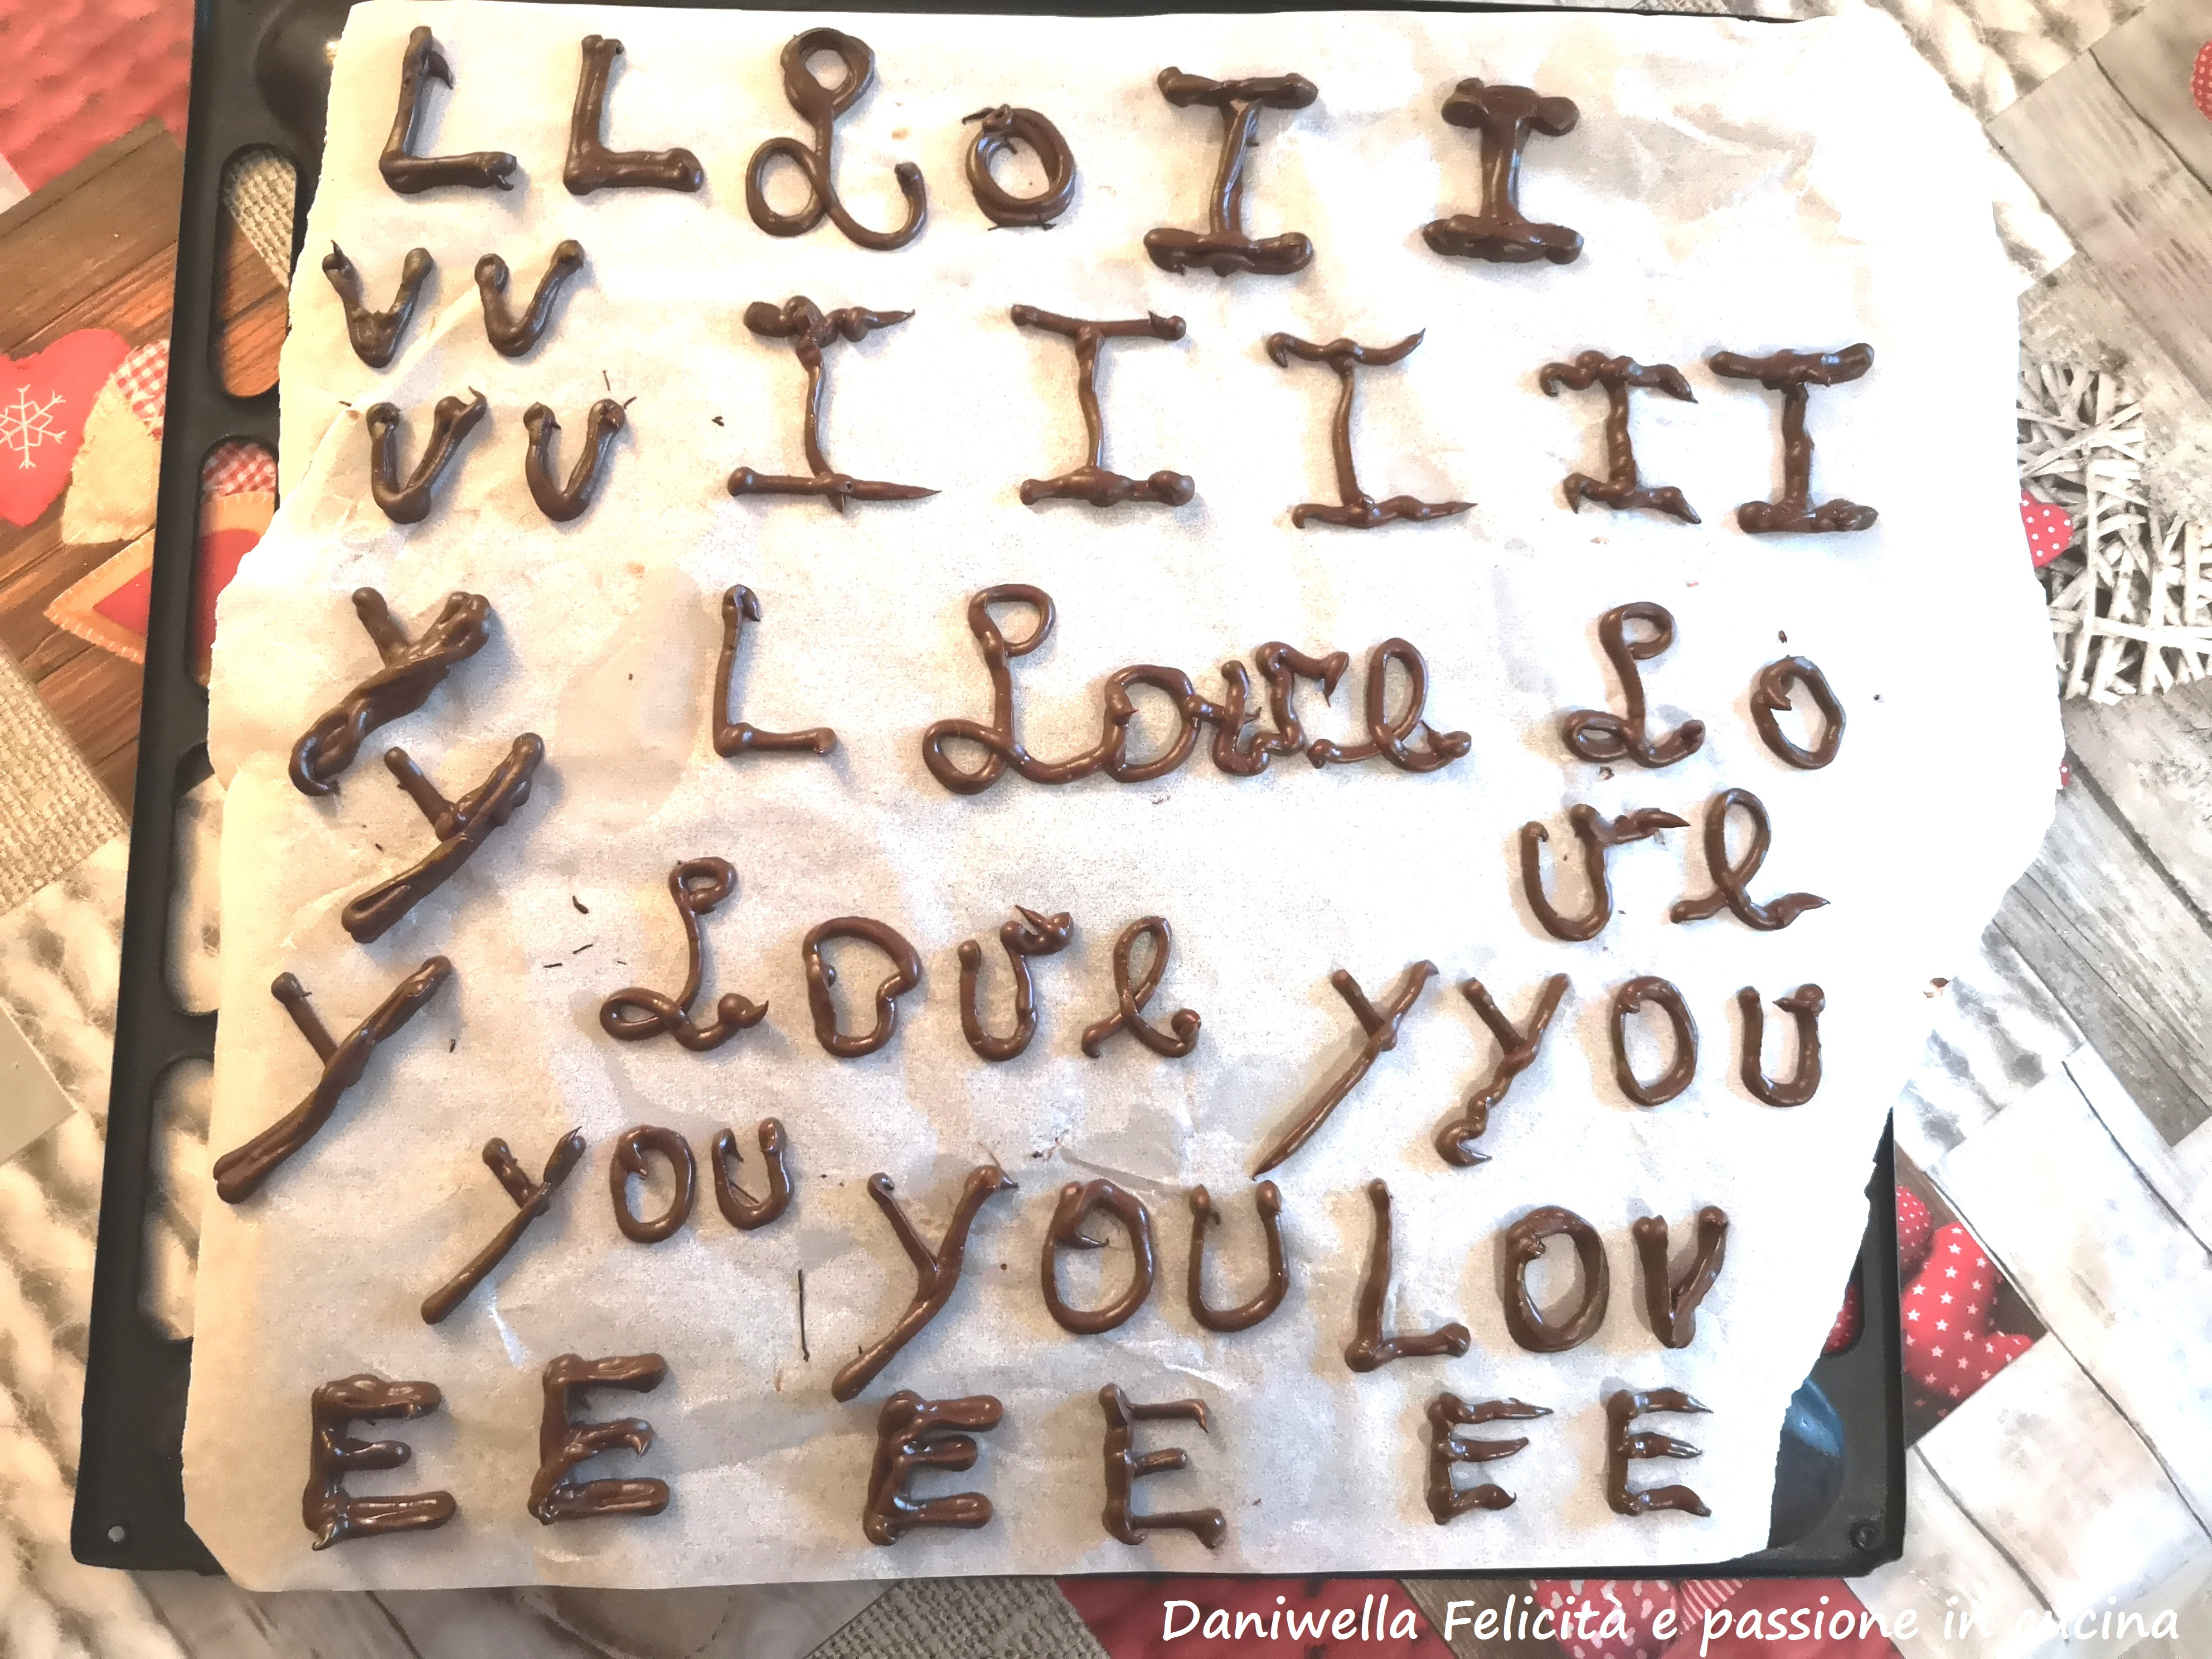 Sciogliete il cioccolato fondente e ricoprite la torta. Con il cioccolato avanzato formate le lettere della scritta I LOVE YOU e aspettate che si raffreddino completamente prima di decorare la torta.